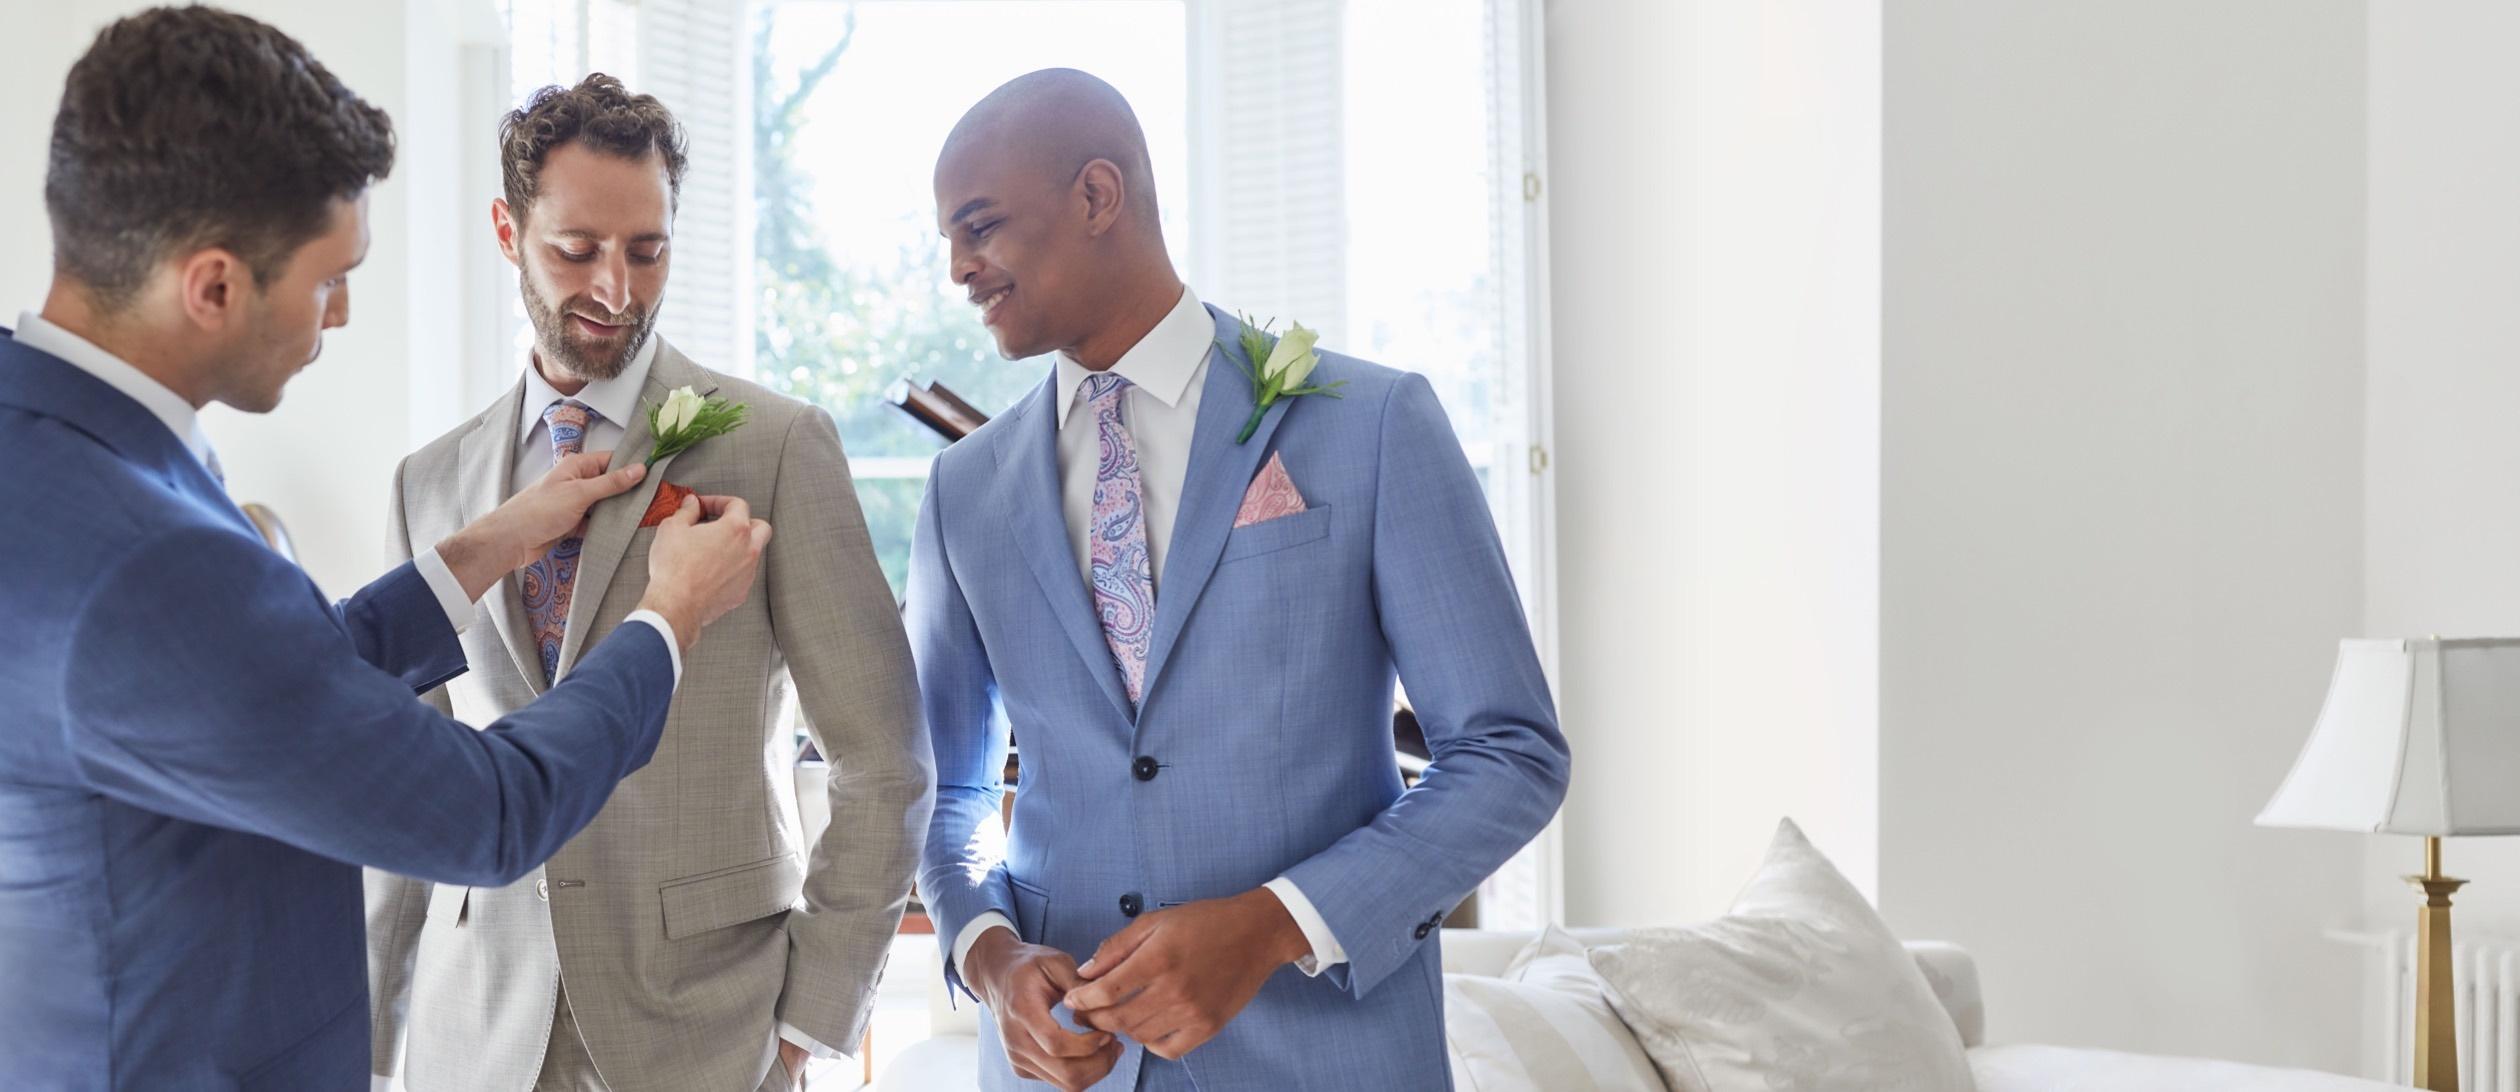 Hochzeitsanzüge aus Leinen und italienischen Stoffen von Hawes & Curtis.